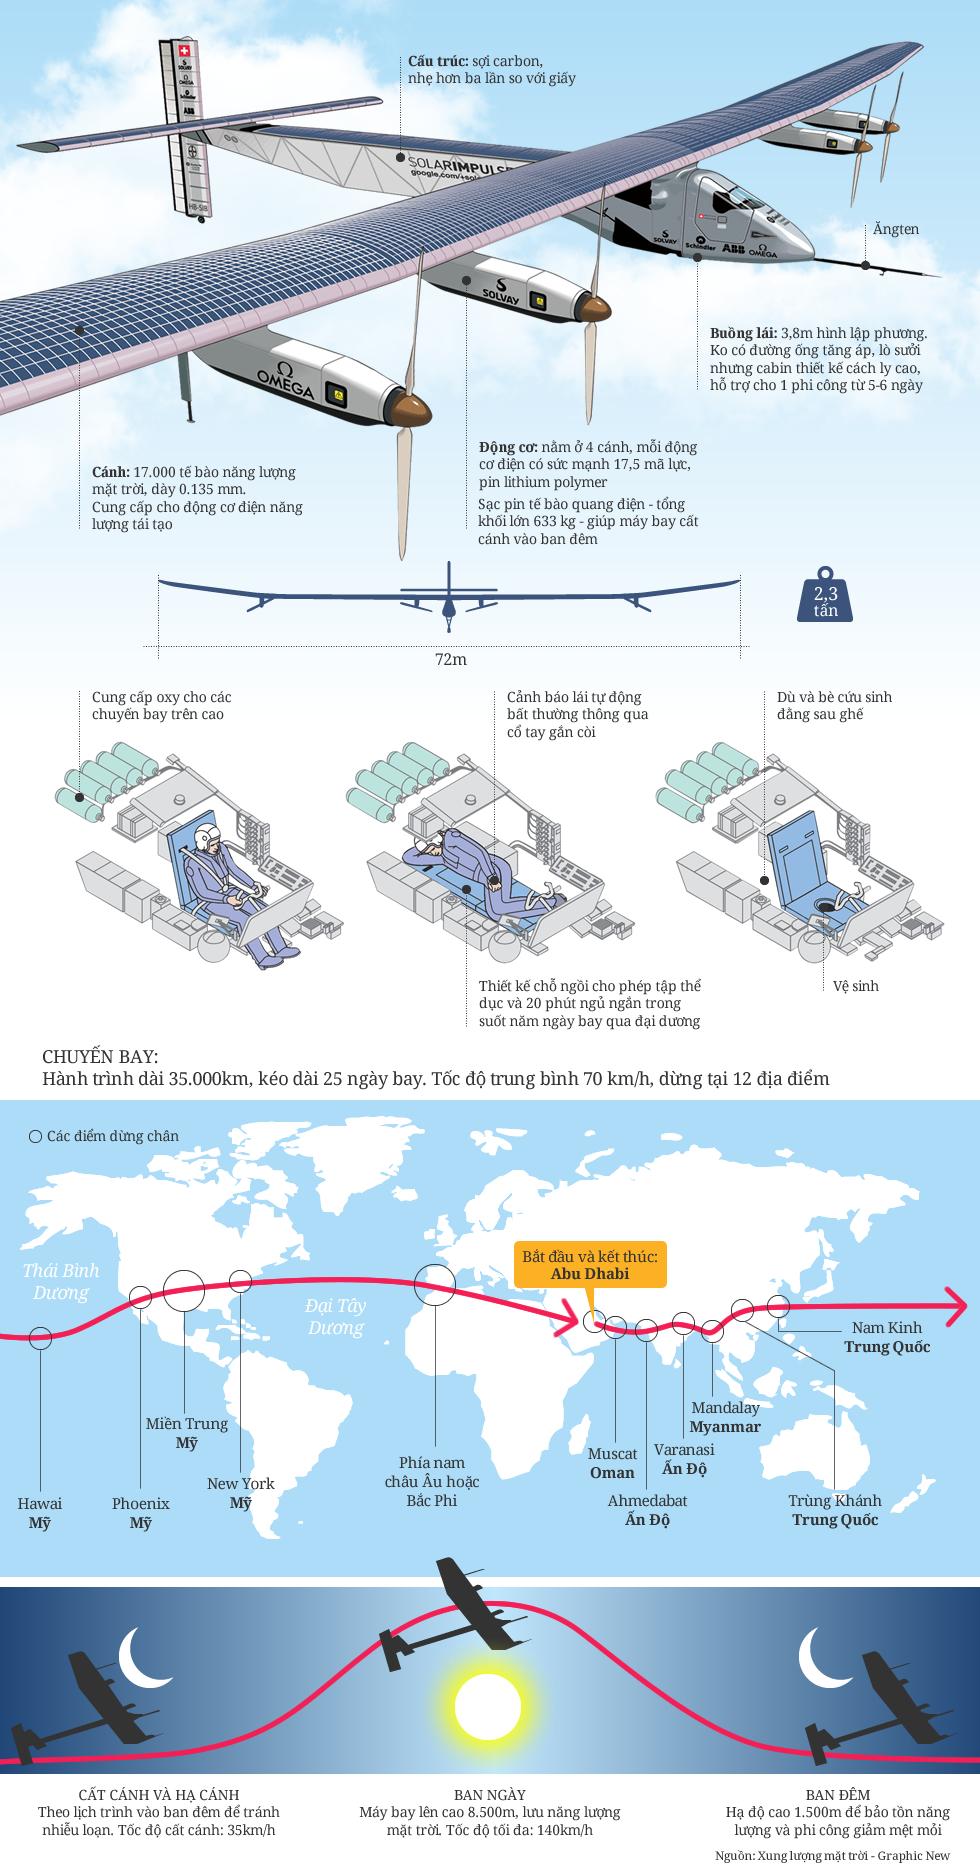 [Infographic] Solar Impulse - may bay nang luong mat troi-1